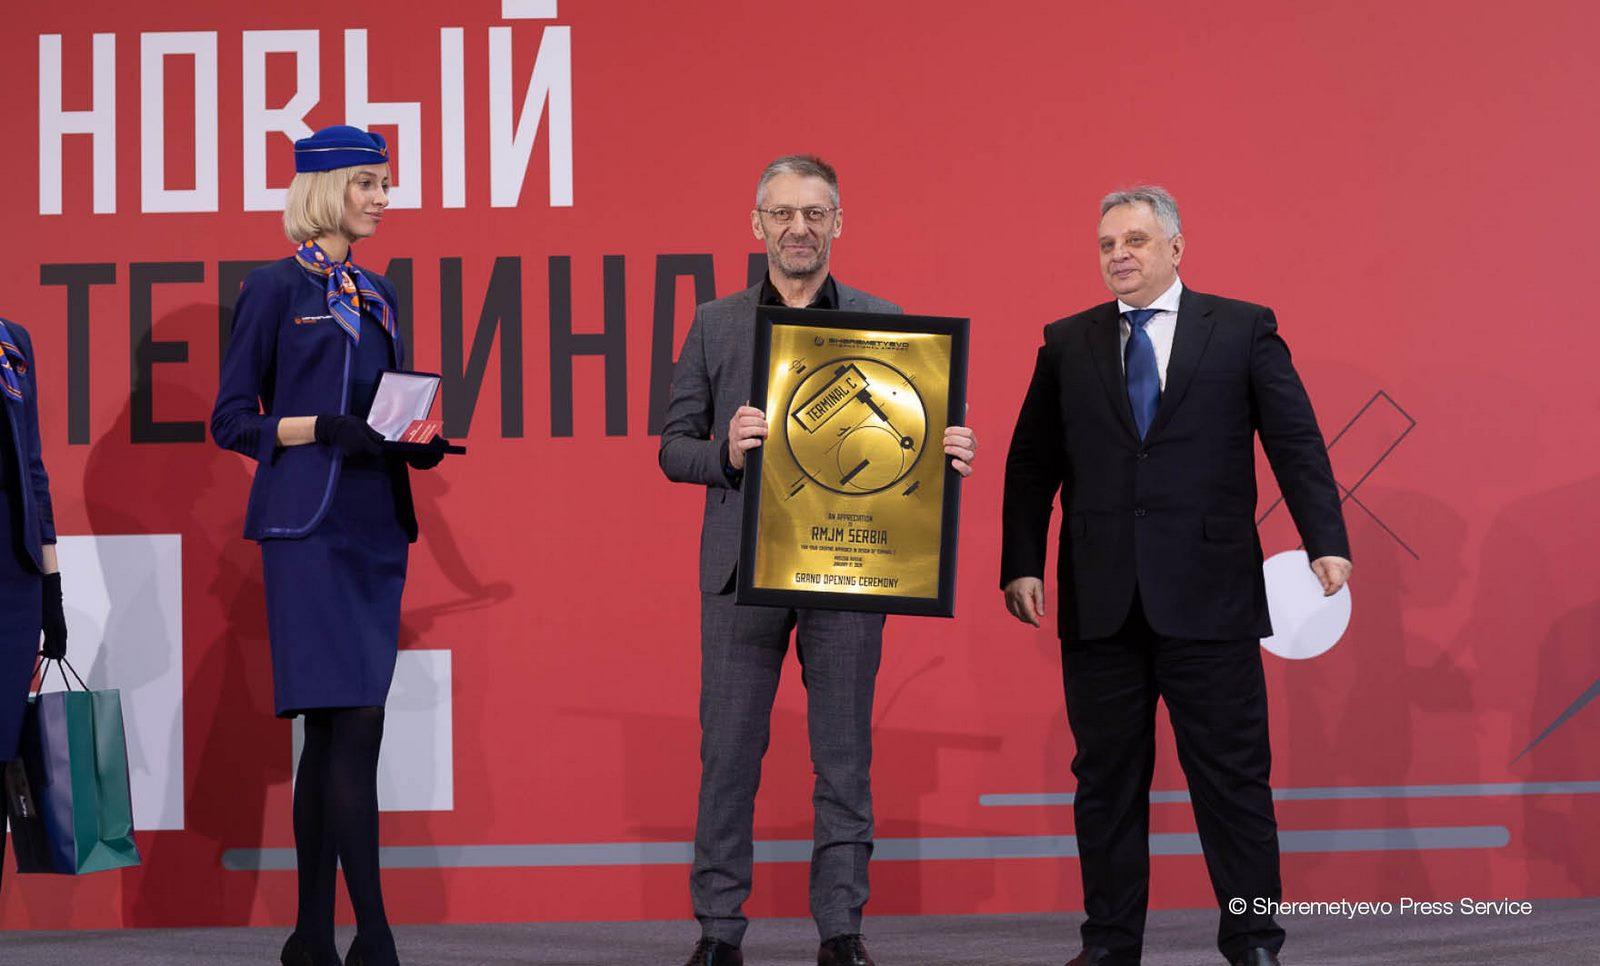 La historia y cultura rusa reflejada en el Aeropuerto de Moscú 2